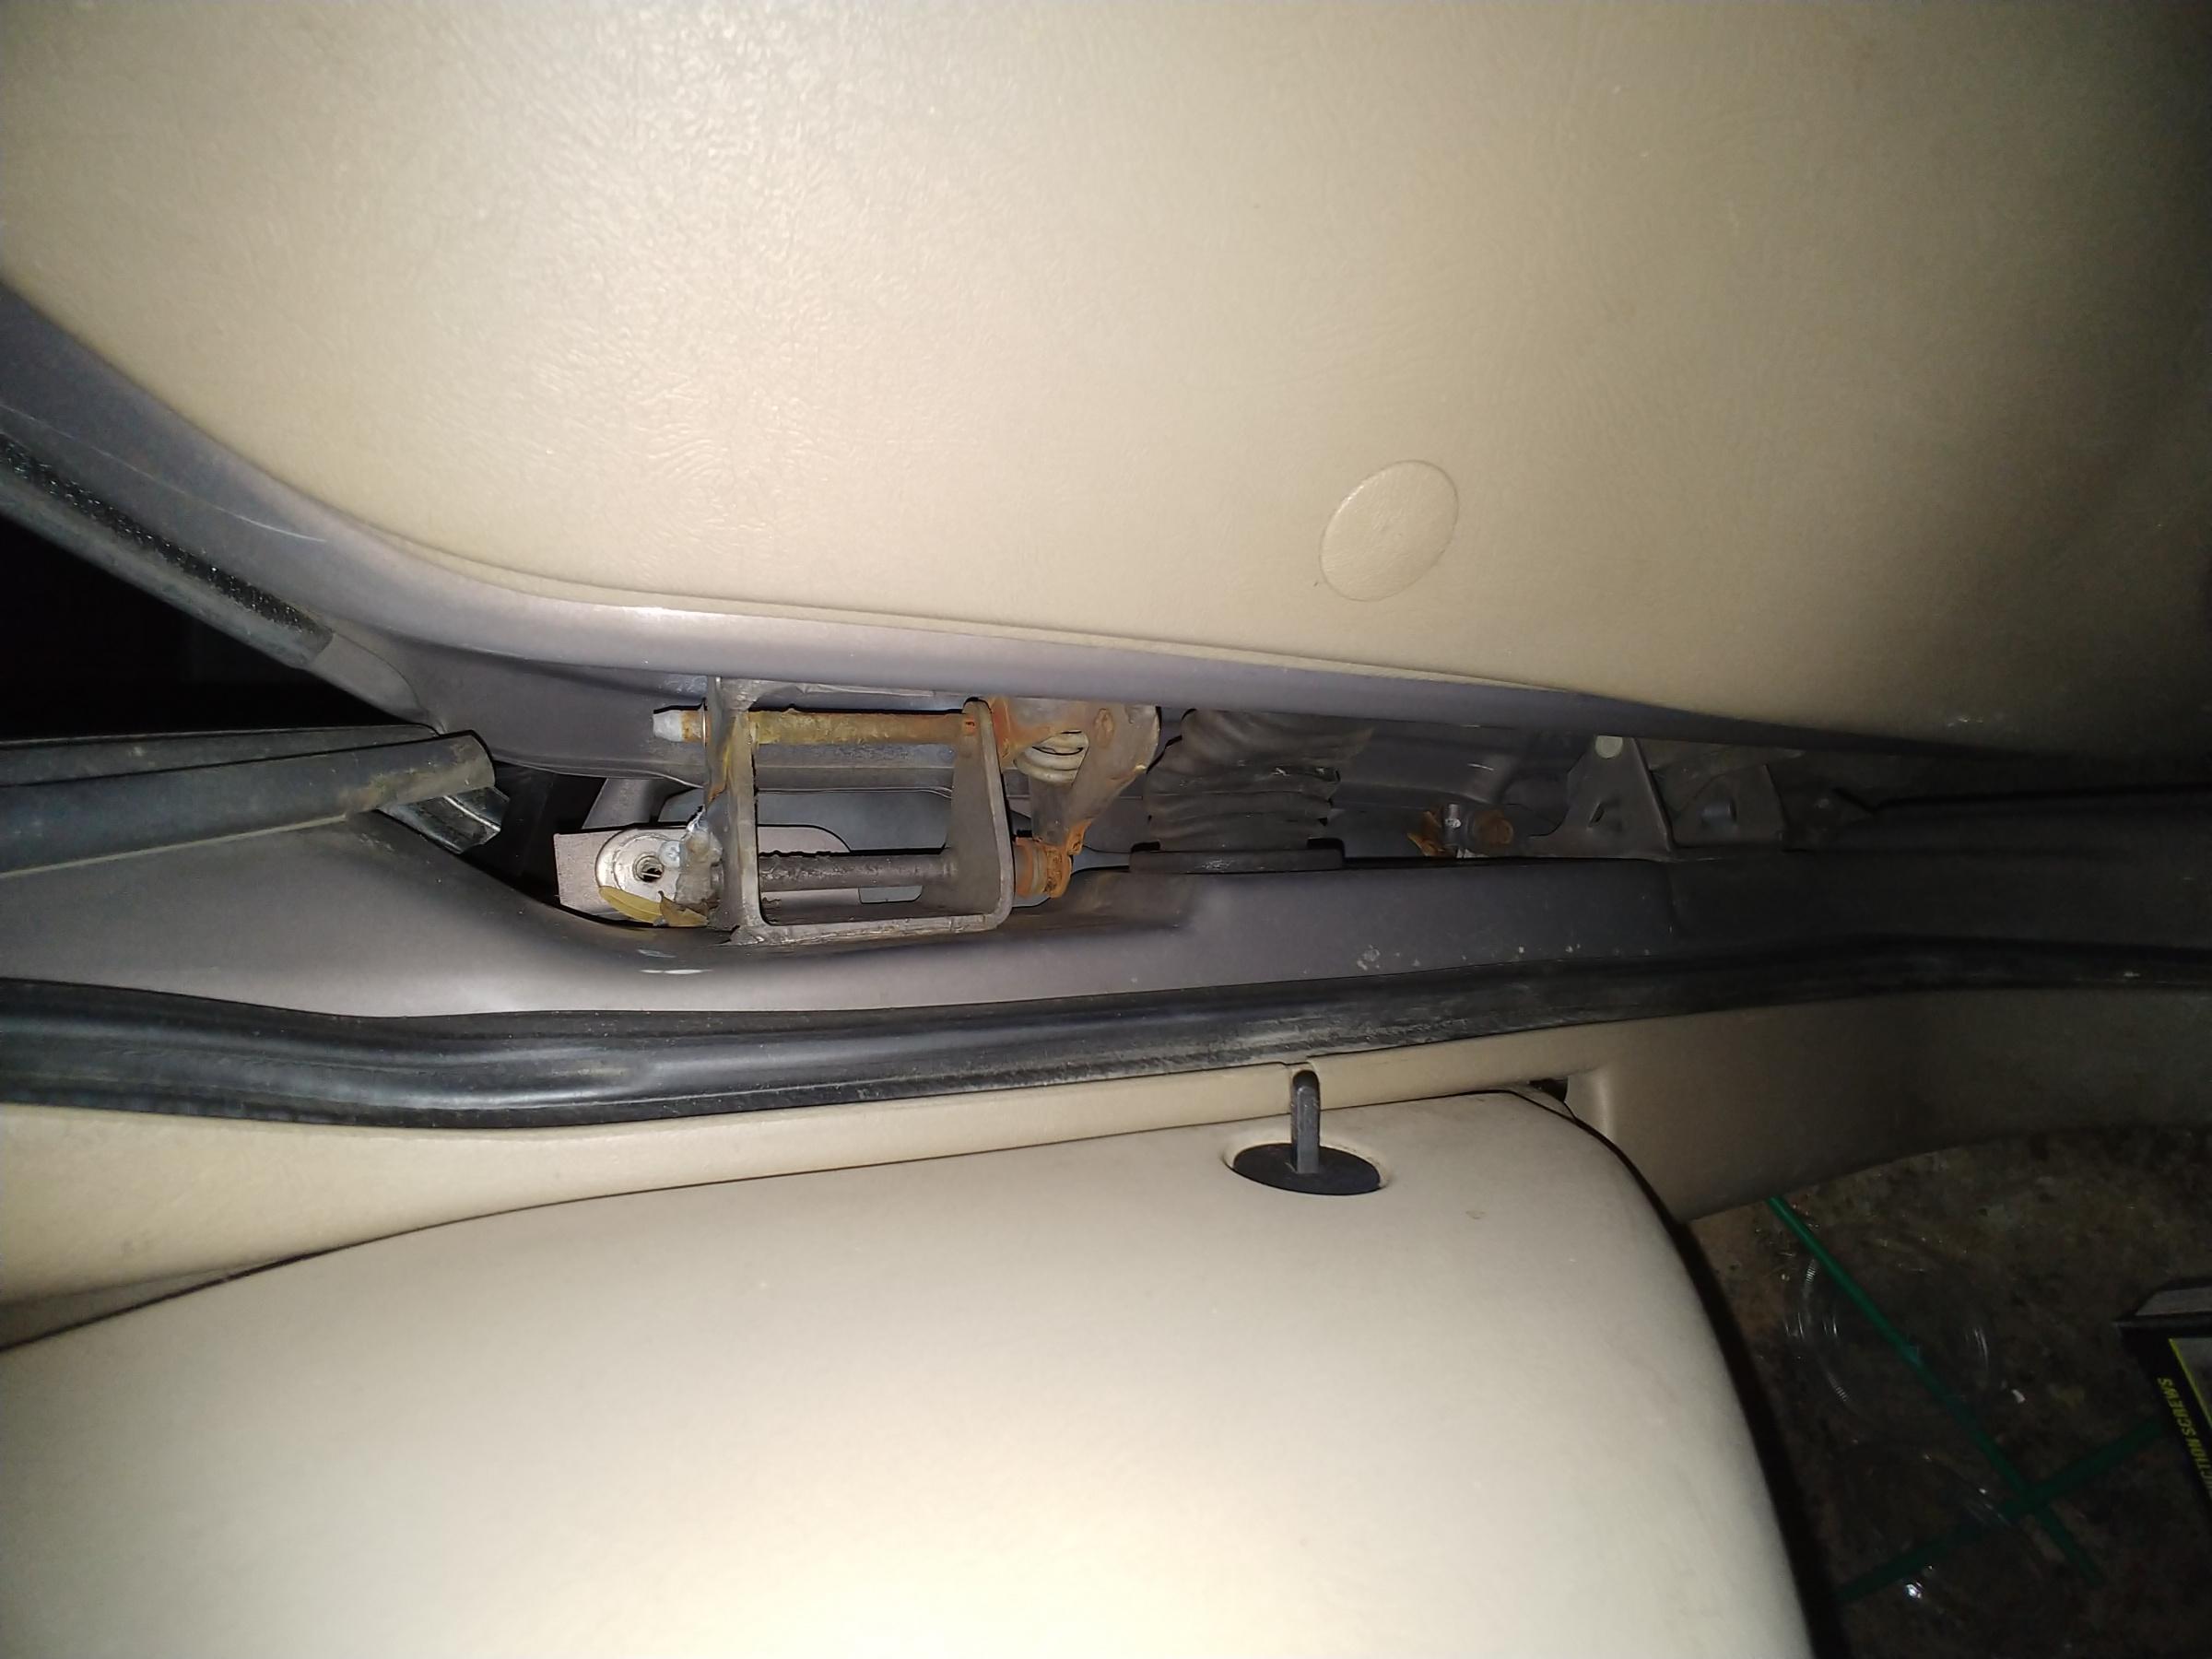 How do I fix this driver's side door?-20191015_192324.jpg